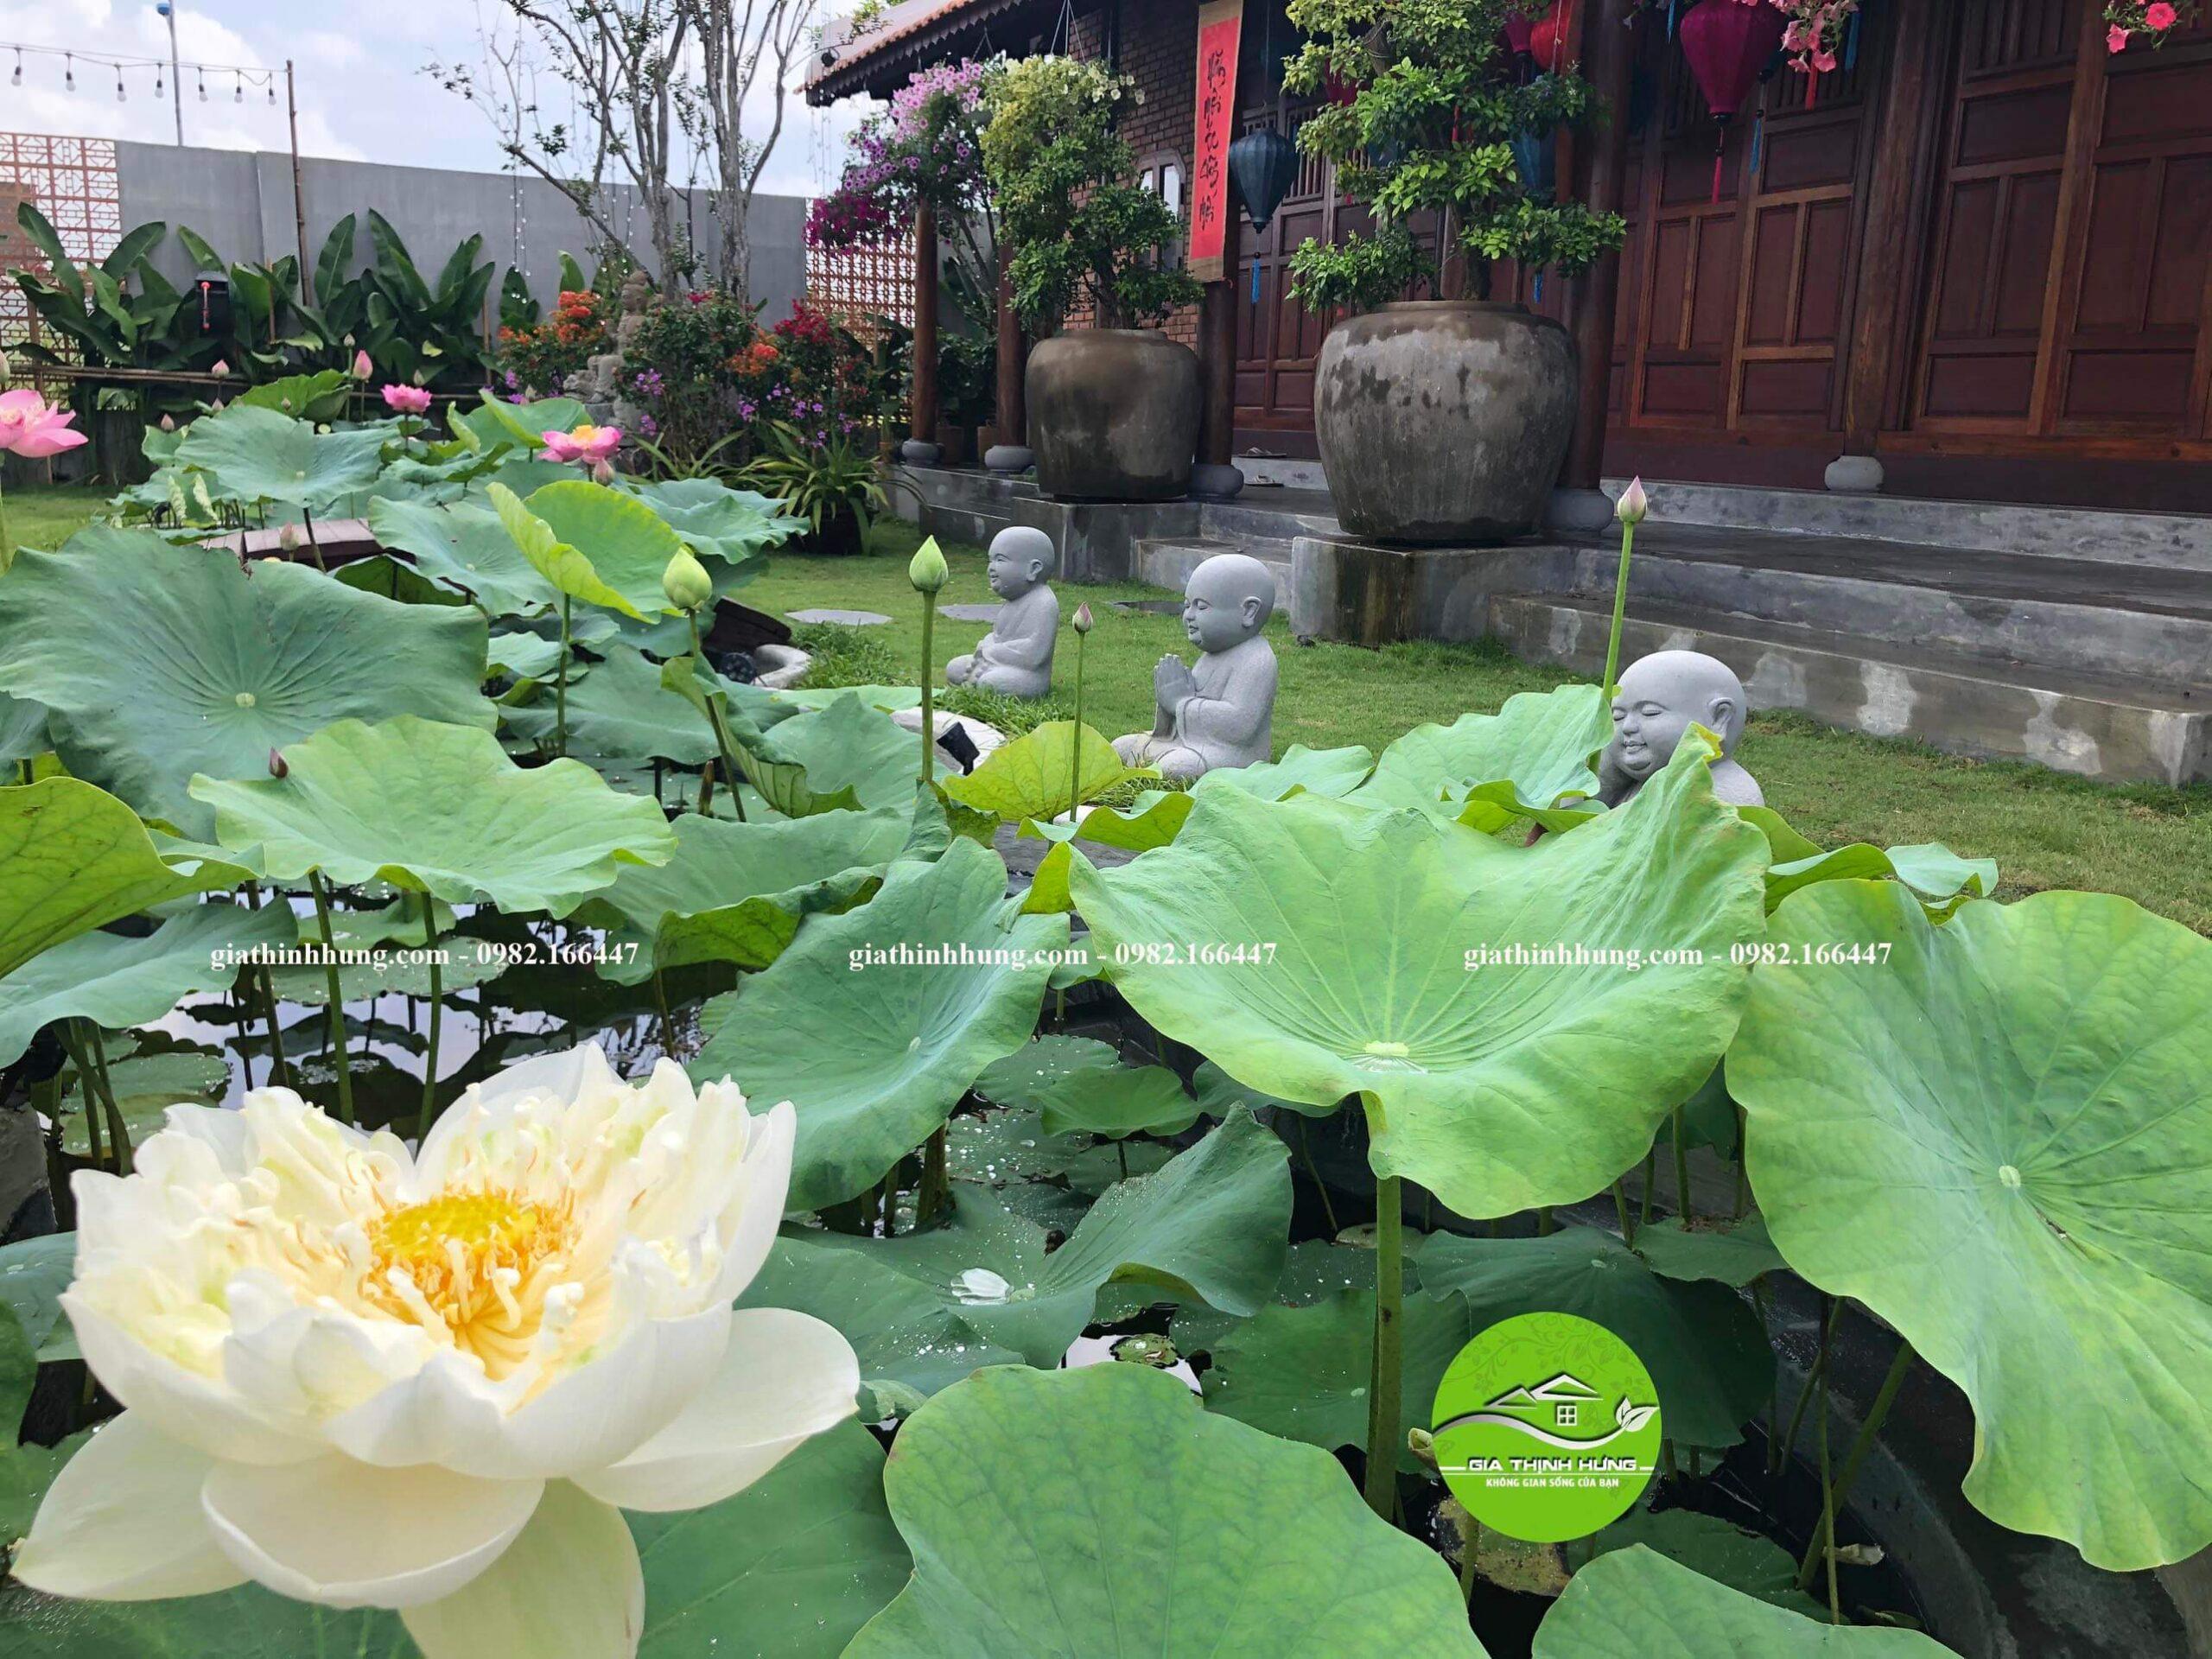 Gia Thịnh Hưng- Biệt thự Chị Phùng Anh, Khu Biệt Thự Đảo Nổi, Đà Nẵng 7